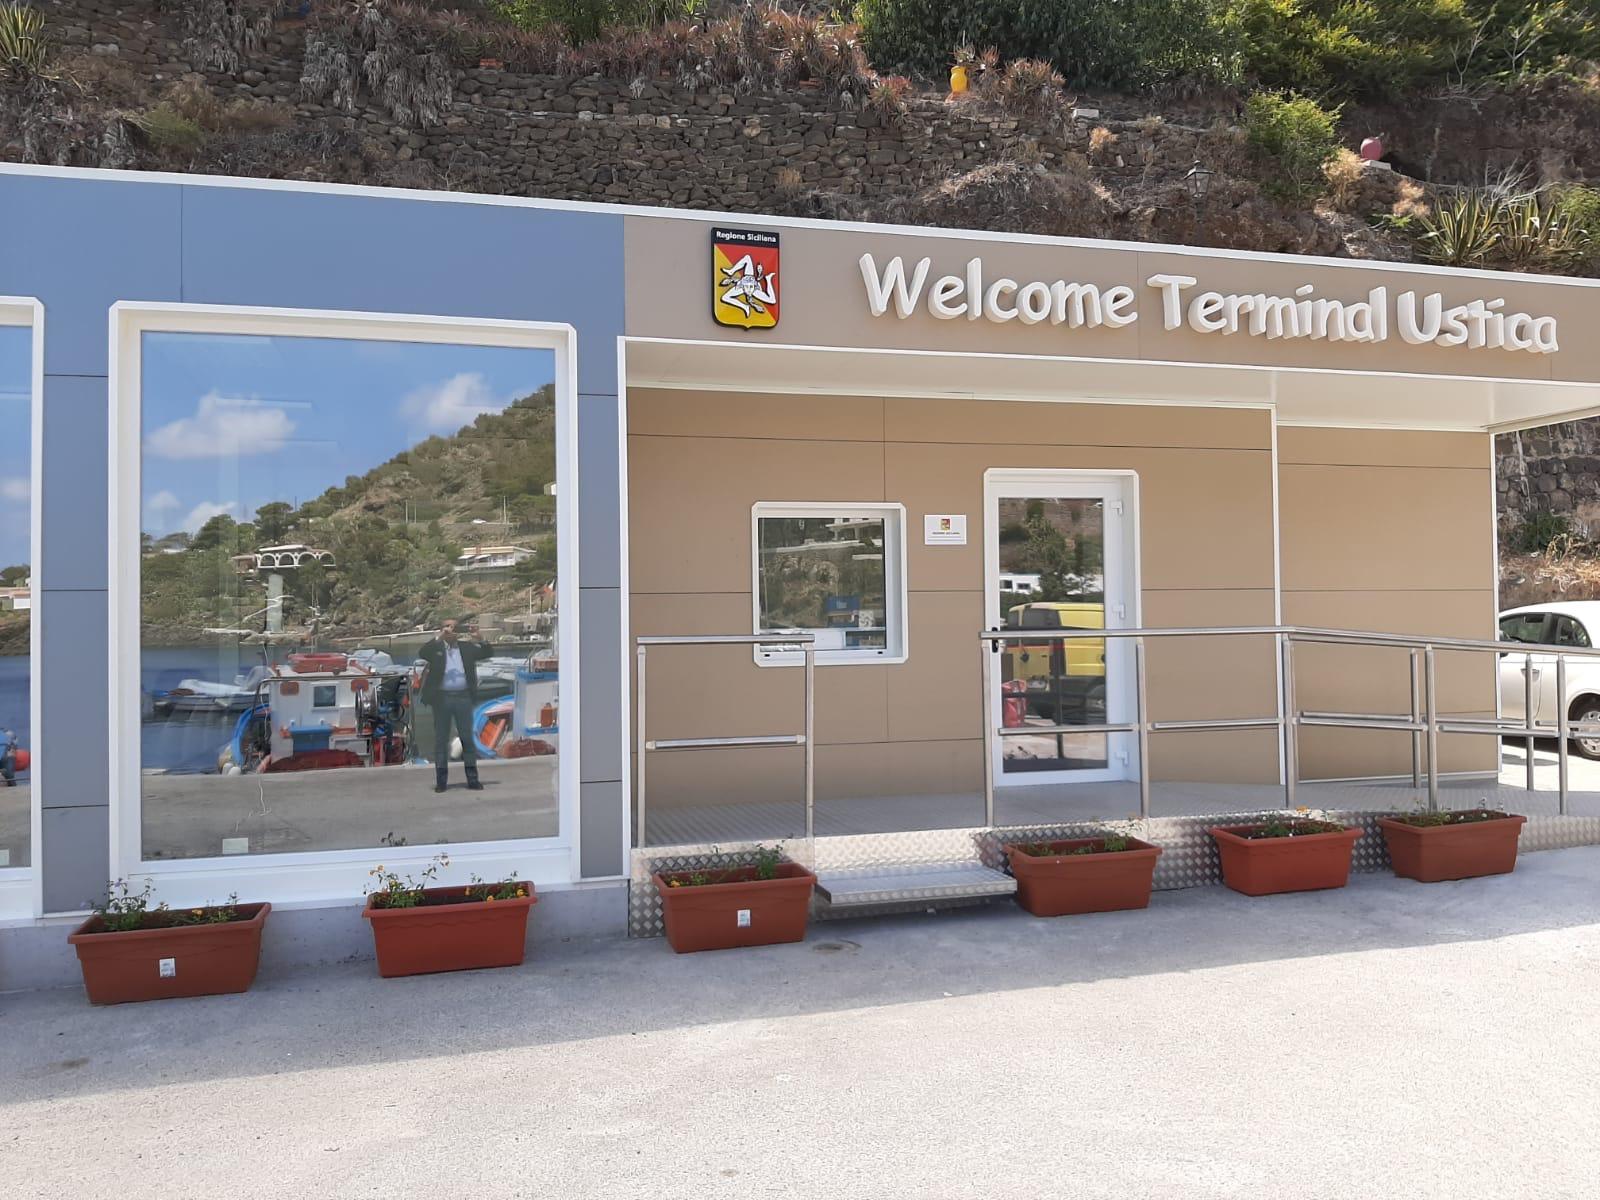 Ustica, inaugurata la stazione marittima realizzata dalla Regione